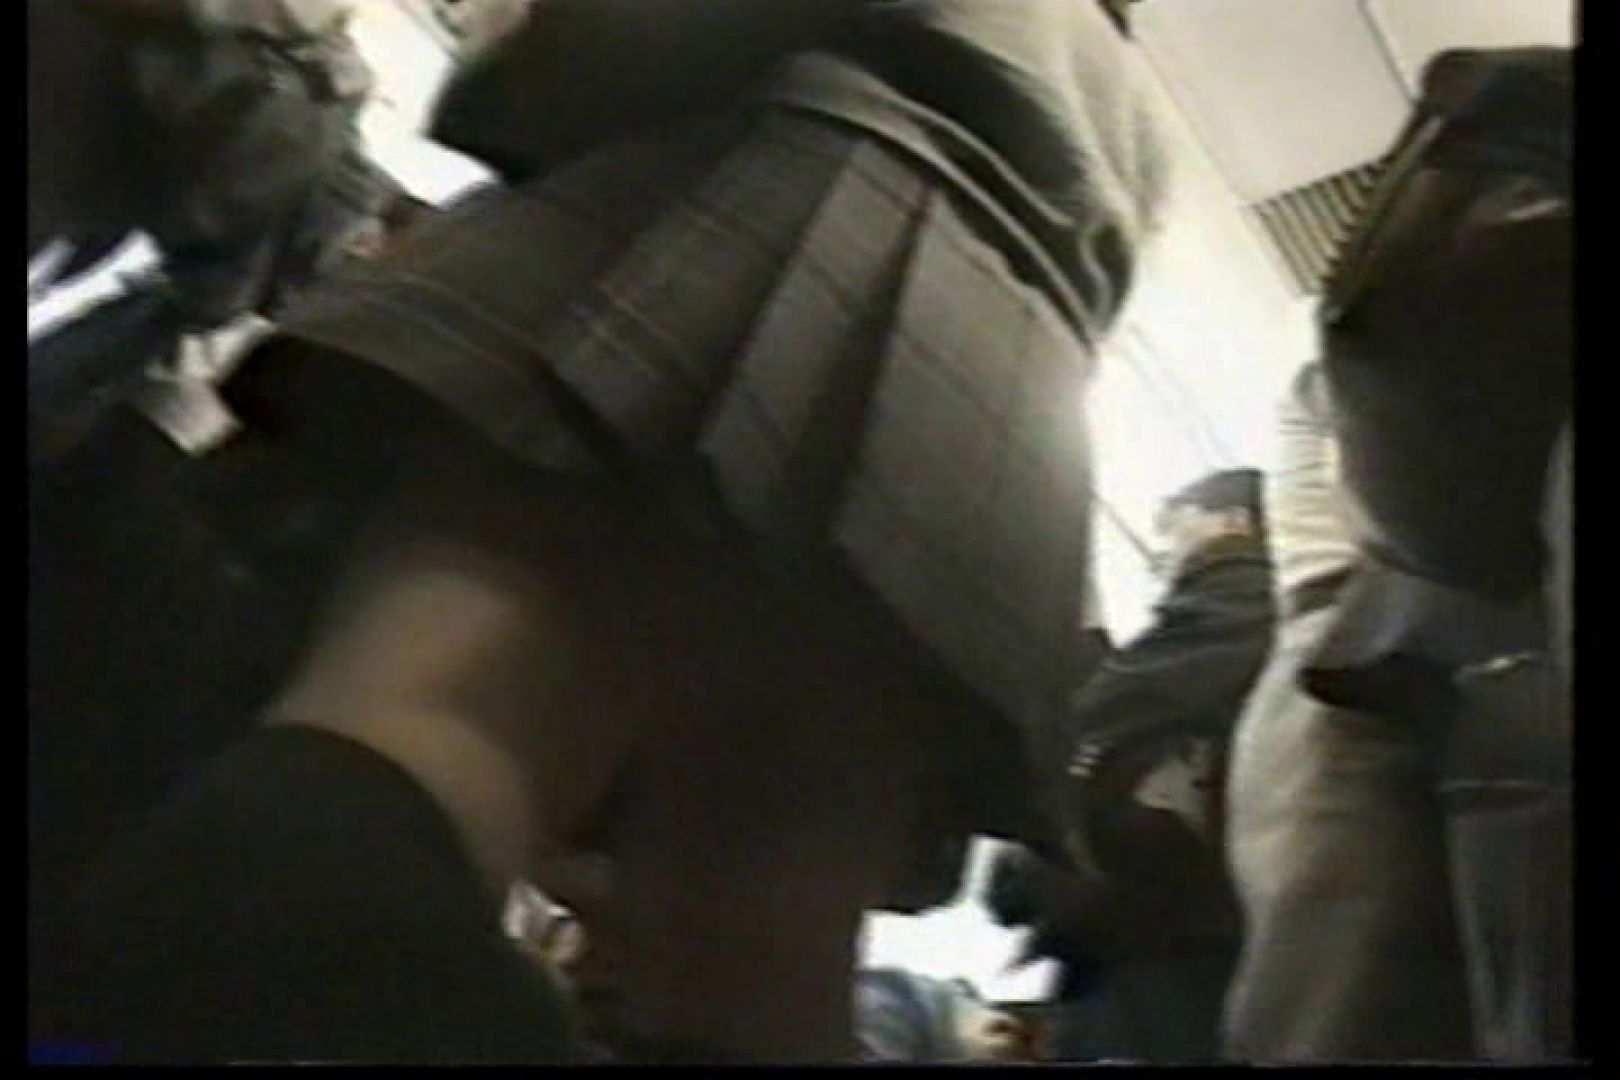 女子大生 夏服に替えれば下着も替わる モッコリを目で感触 TK-77 女子大生丸裸 おめこ無修正動画無料 102pic 19